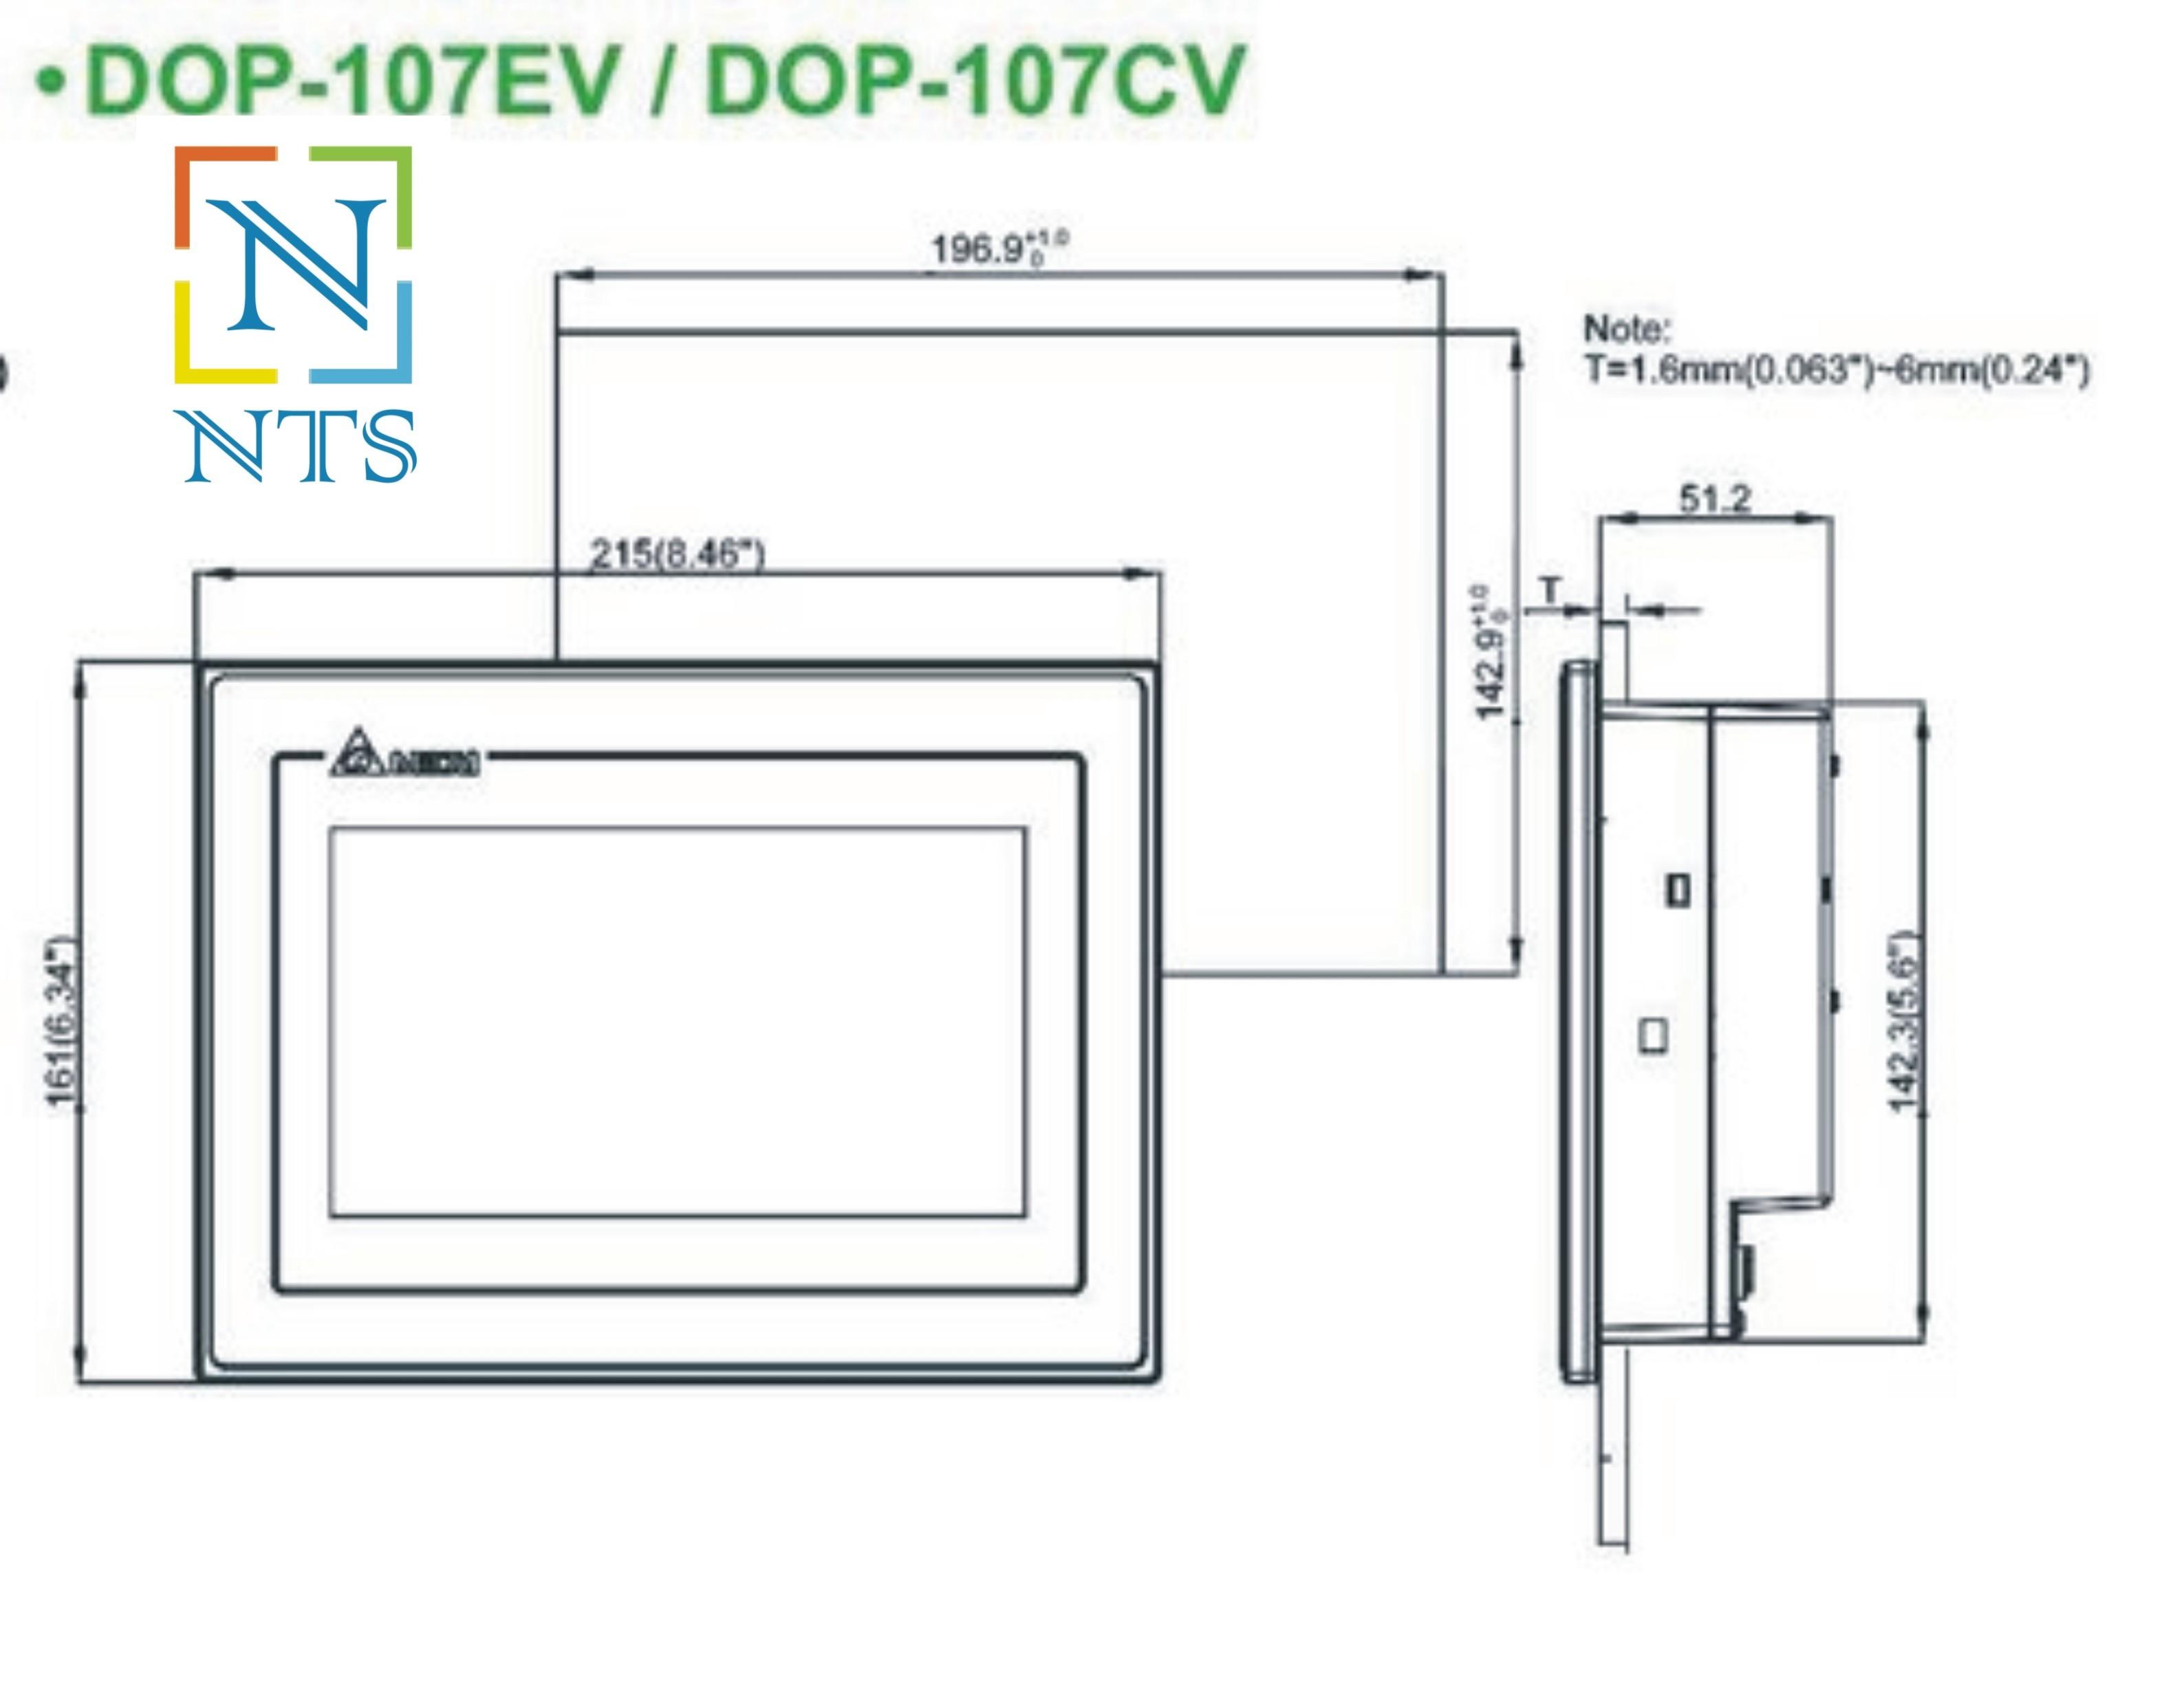 Delta DOP-107EV HMI Display